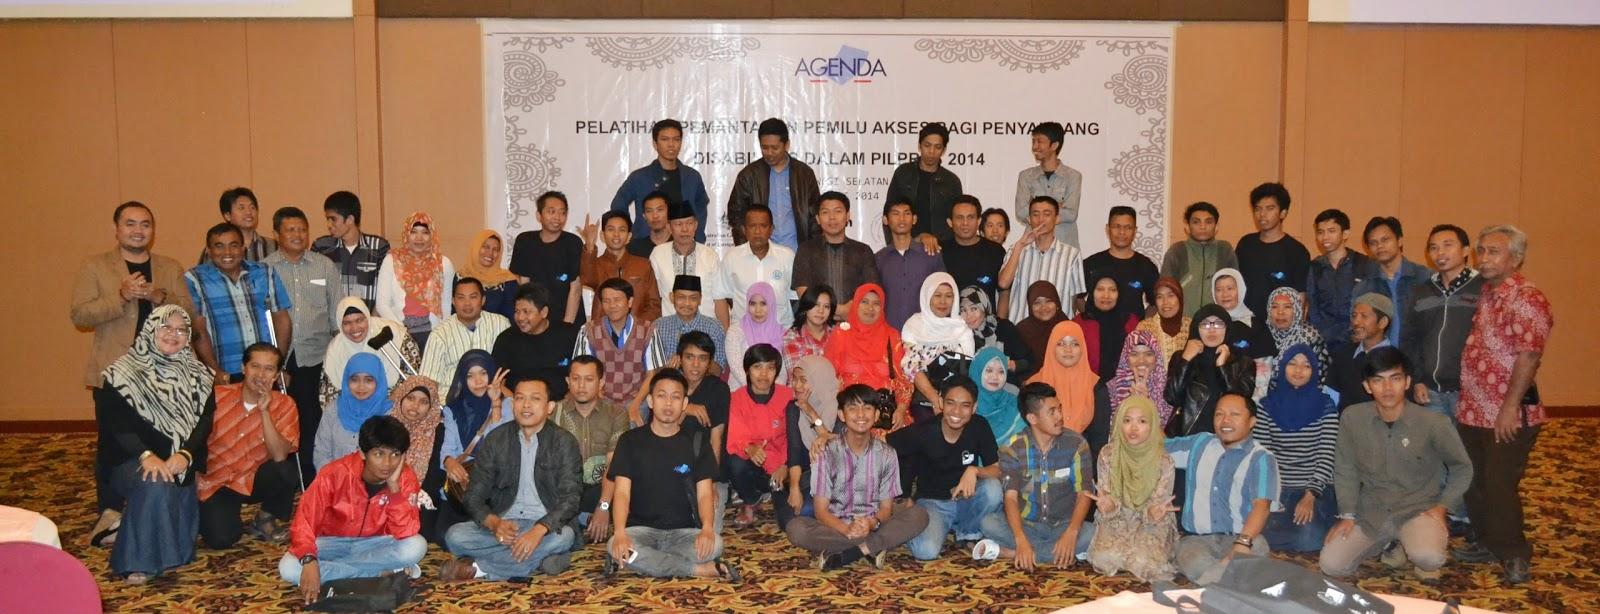 South Sulawesi Observer Workshop 2-3 July 204